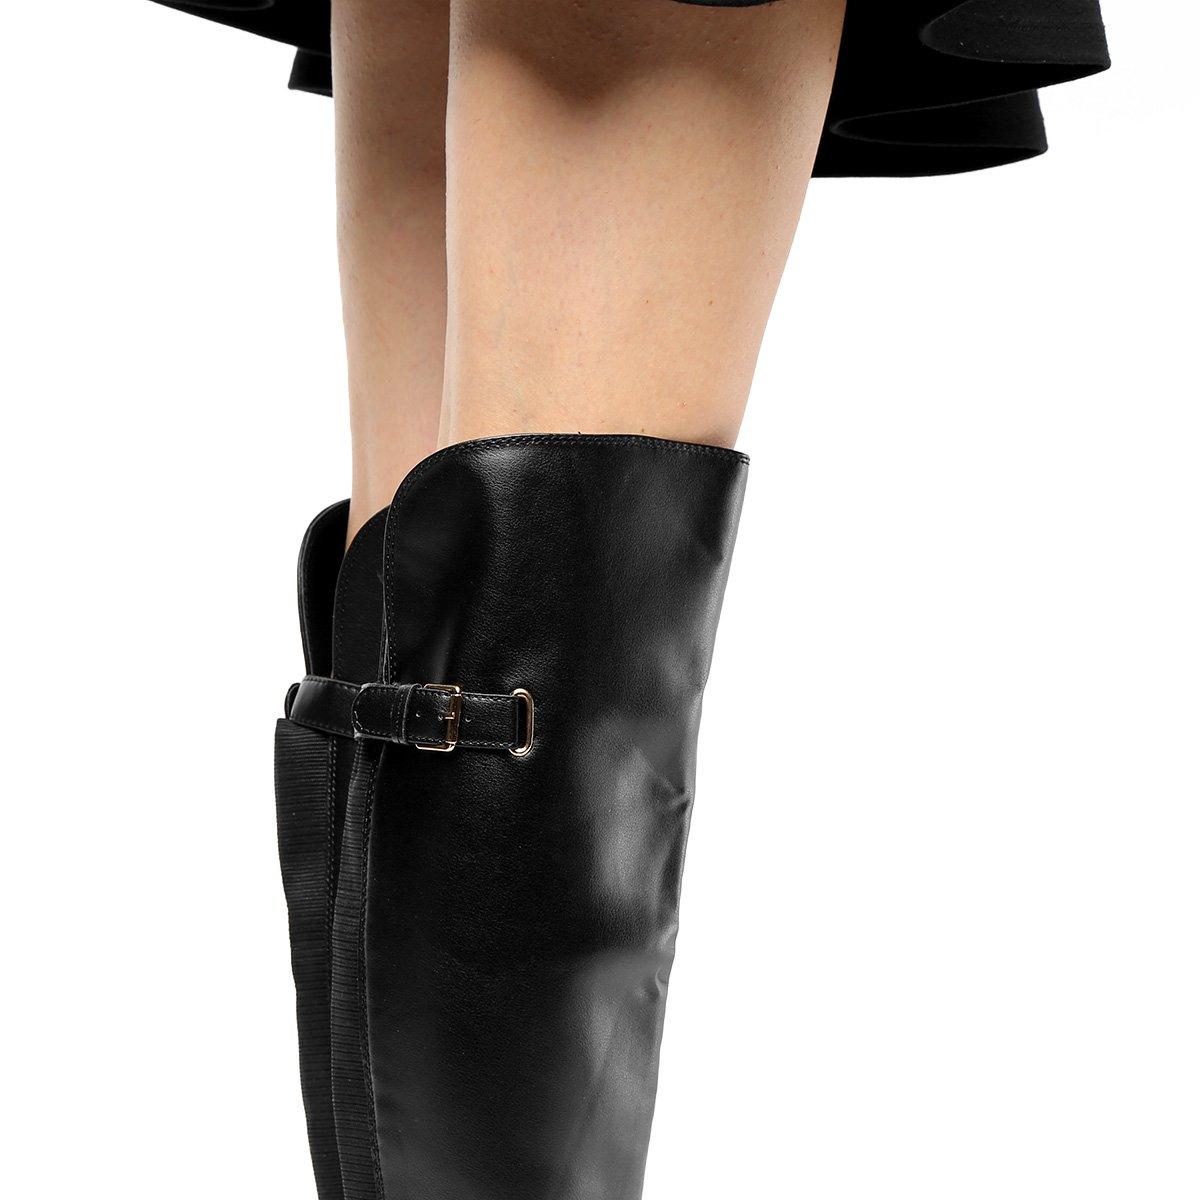 598078d69 Bota Over The Knee Via Uno Salto Baixo Feminina   Livelo -Sua Vida com Mais  Recompensas